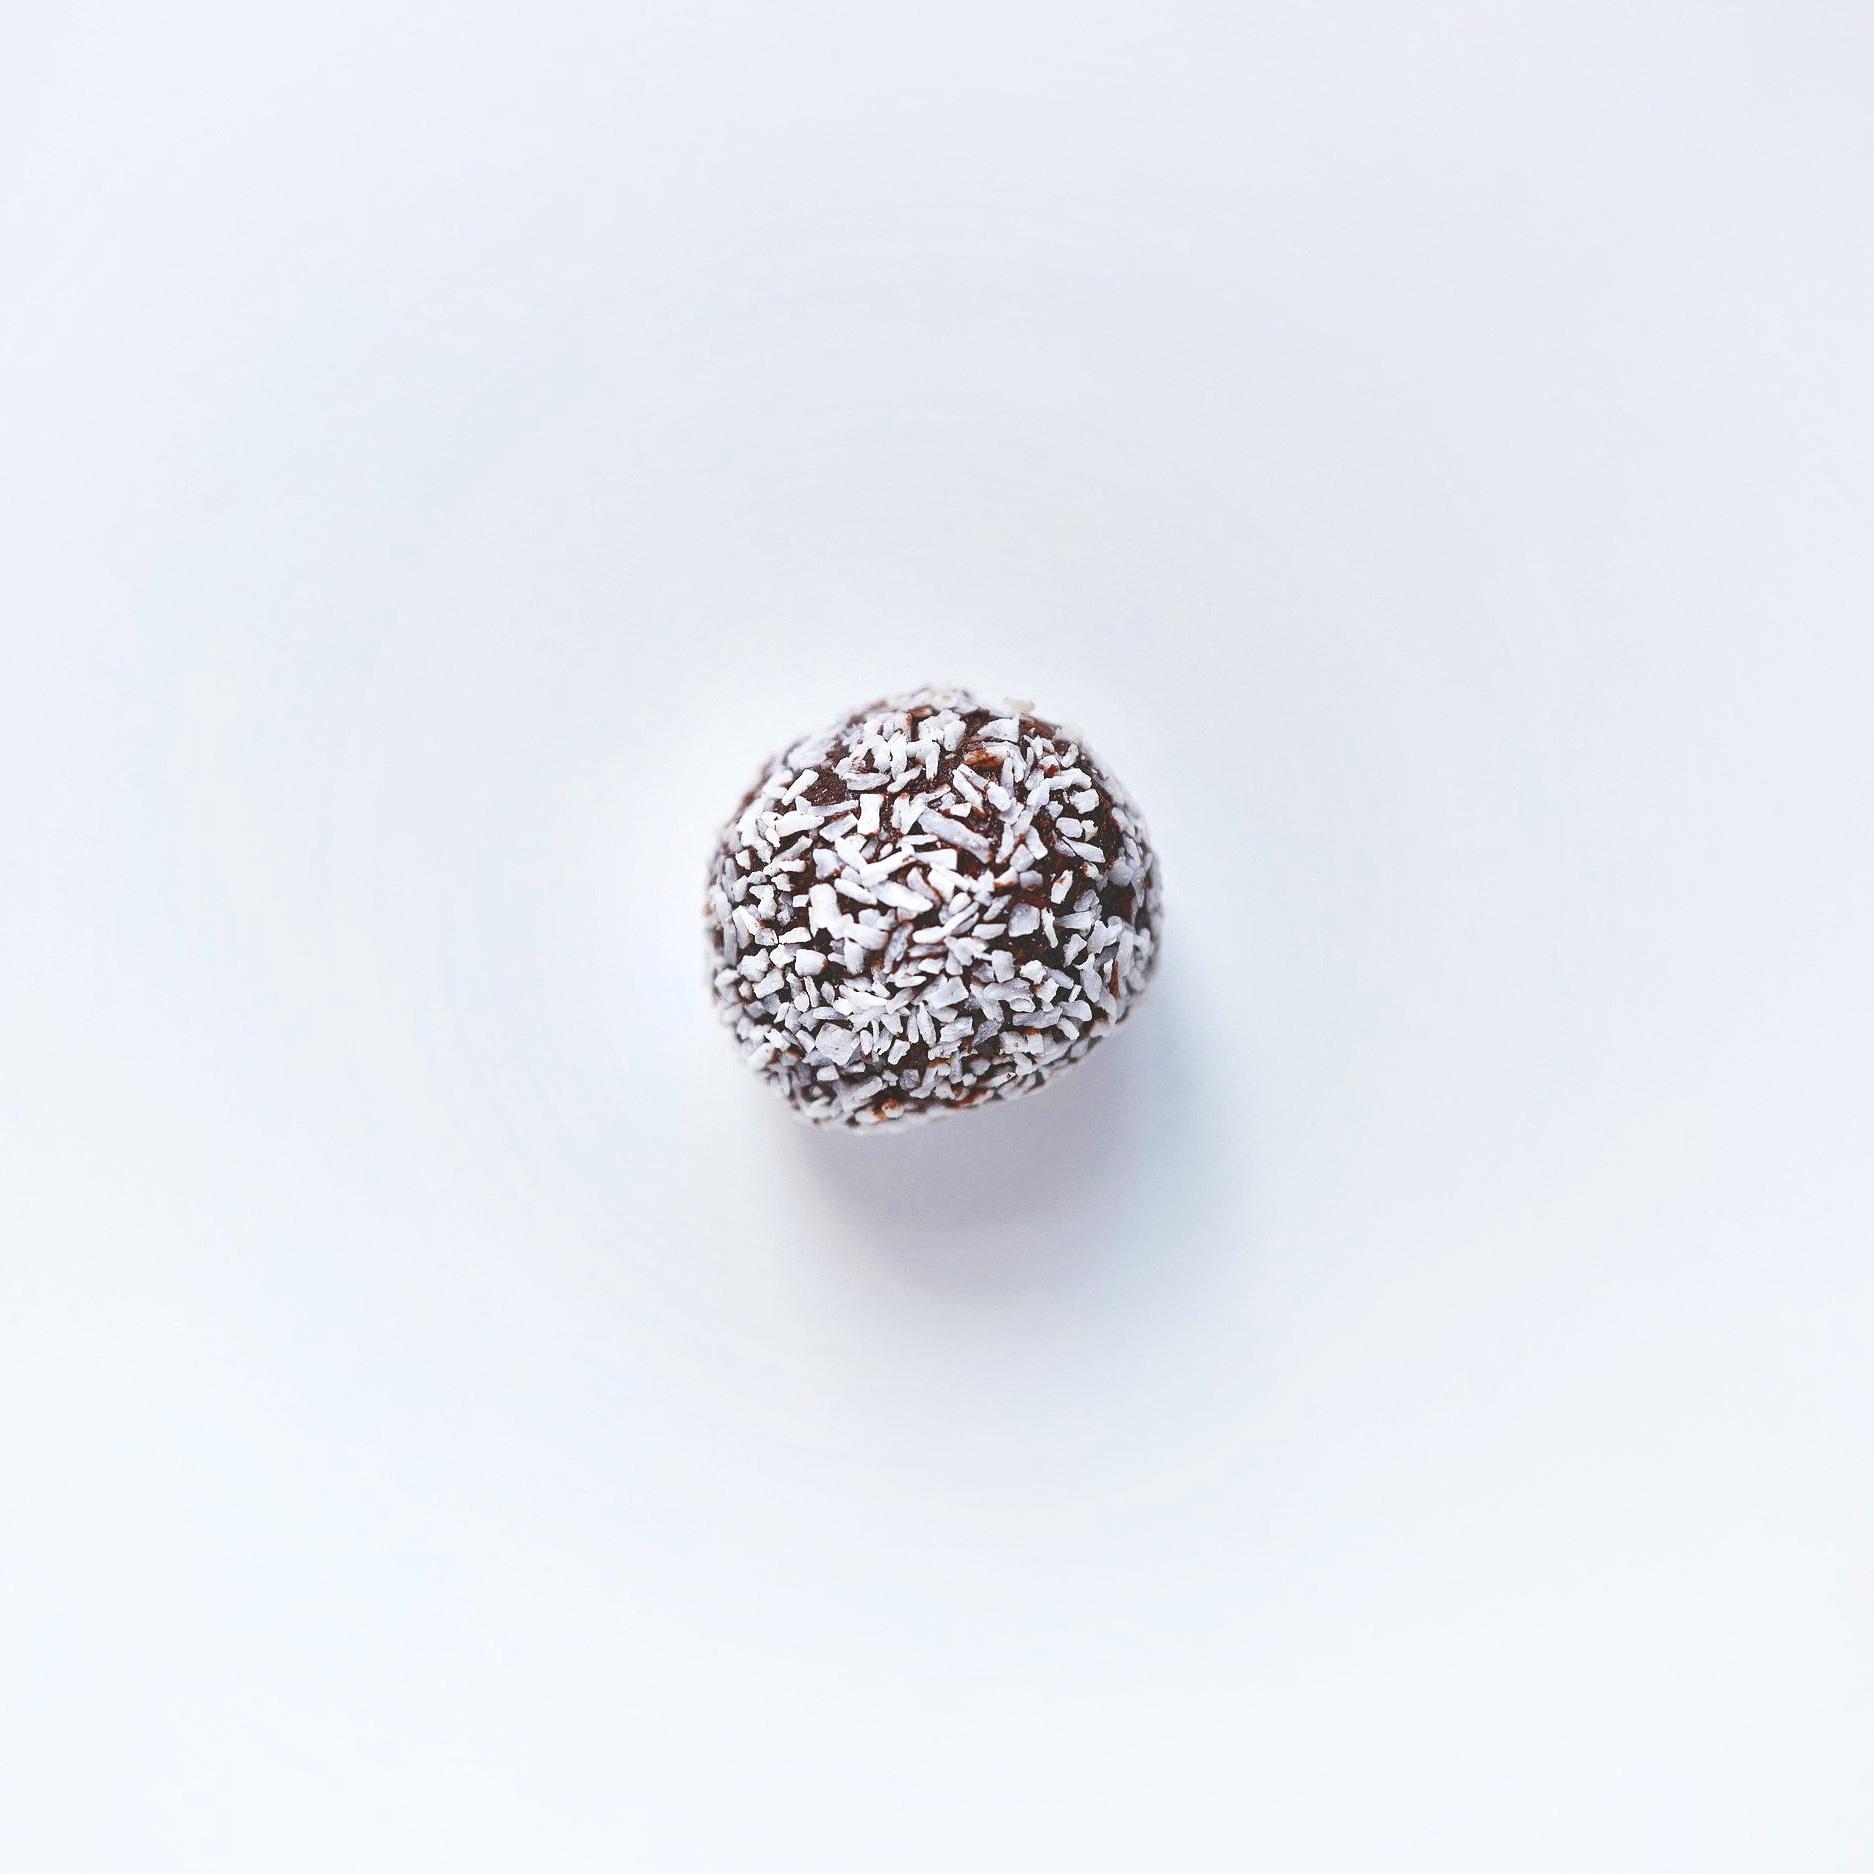 Chokladboll 27:- - Innehåll: HAVREGRYN, smör laktosfritt (GRÄDDE, salt, syrningskultur), socker, chokladchippits (kakaomassa, socker, kakaosmör, emuleringsmedel (SOJALECITIN), naturlig vanilj, cocos, kaffe, kakao